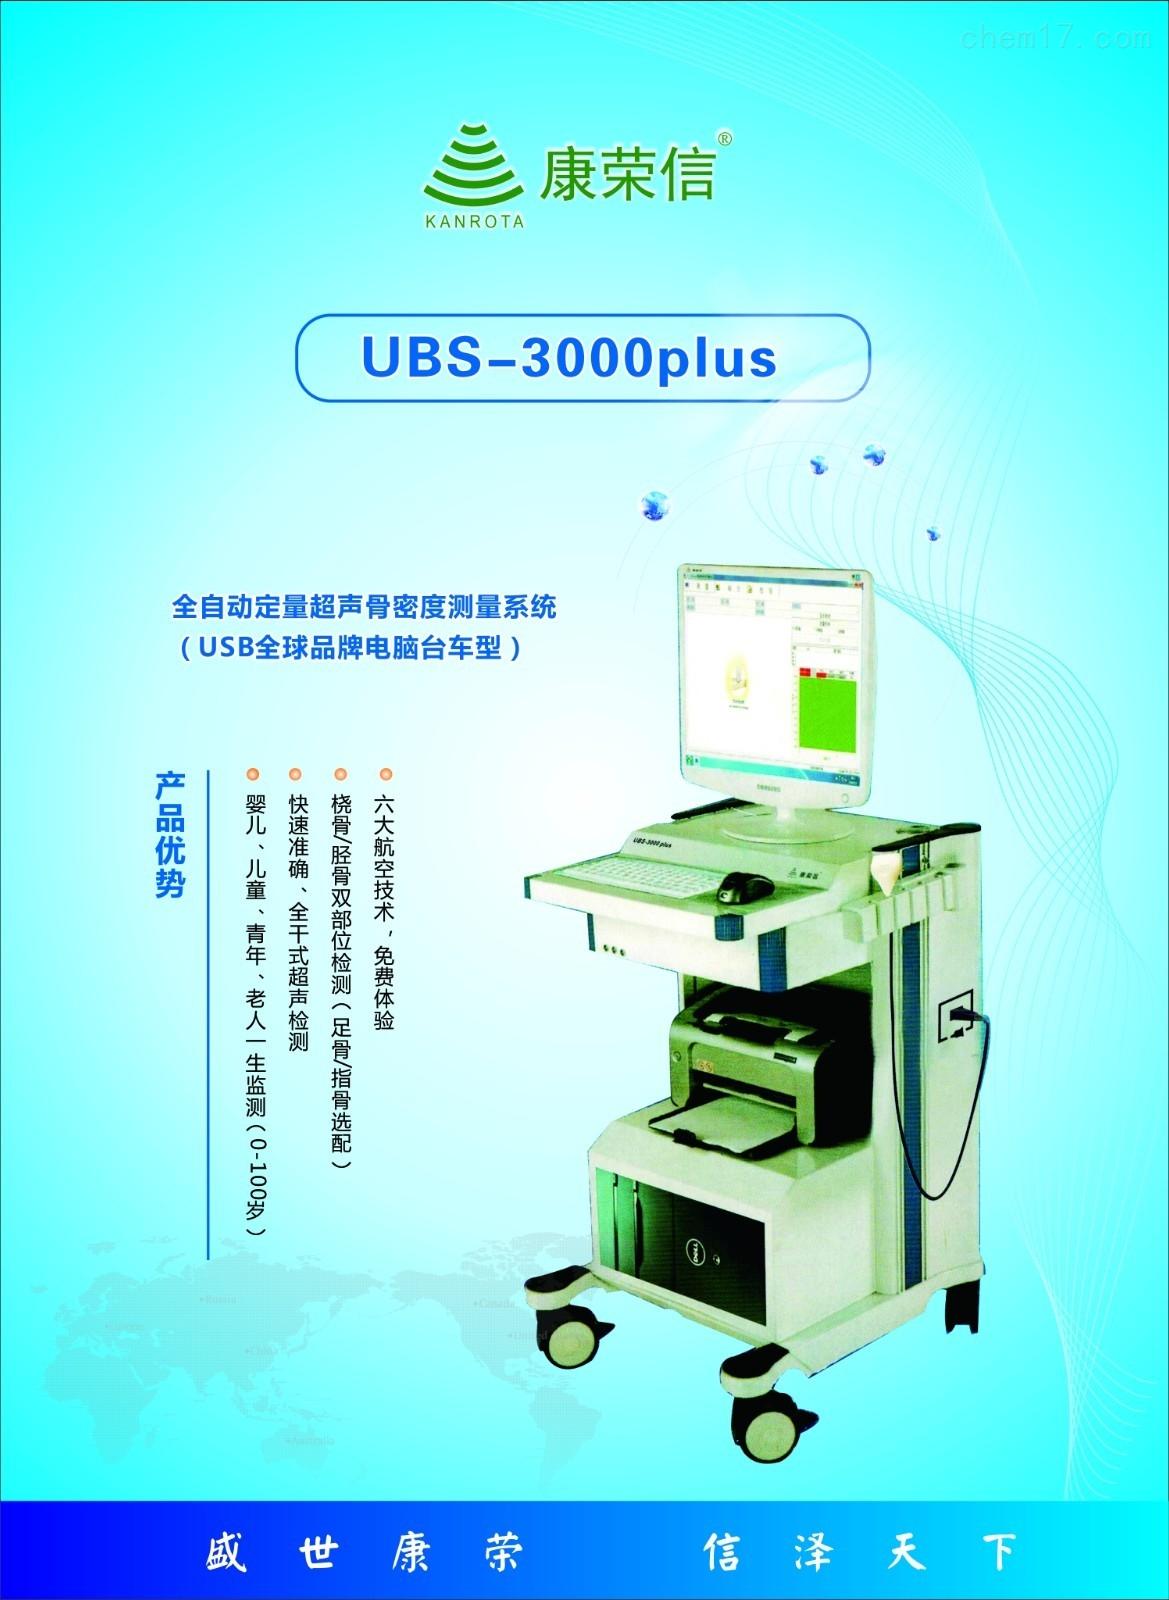 骨密度分析仪.jpg